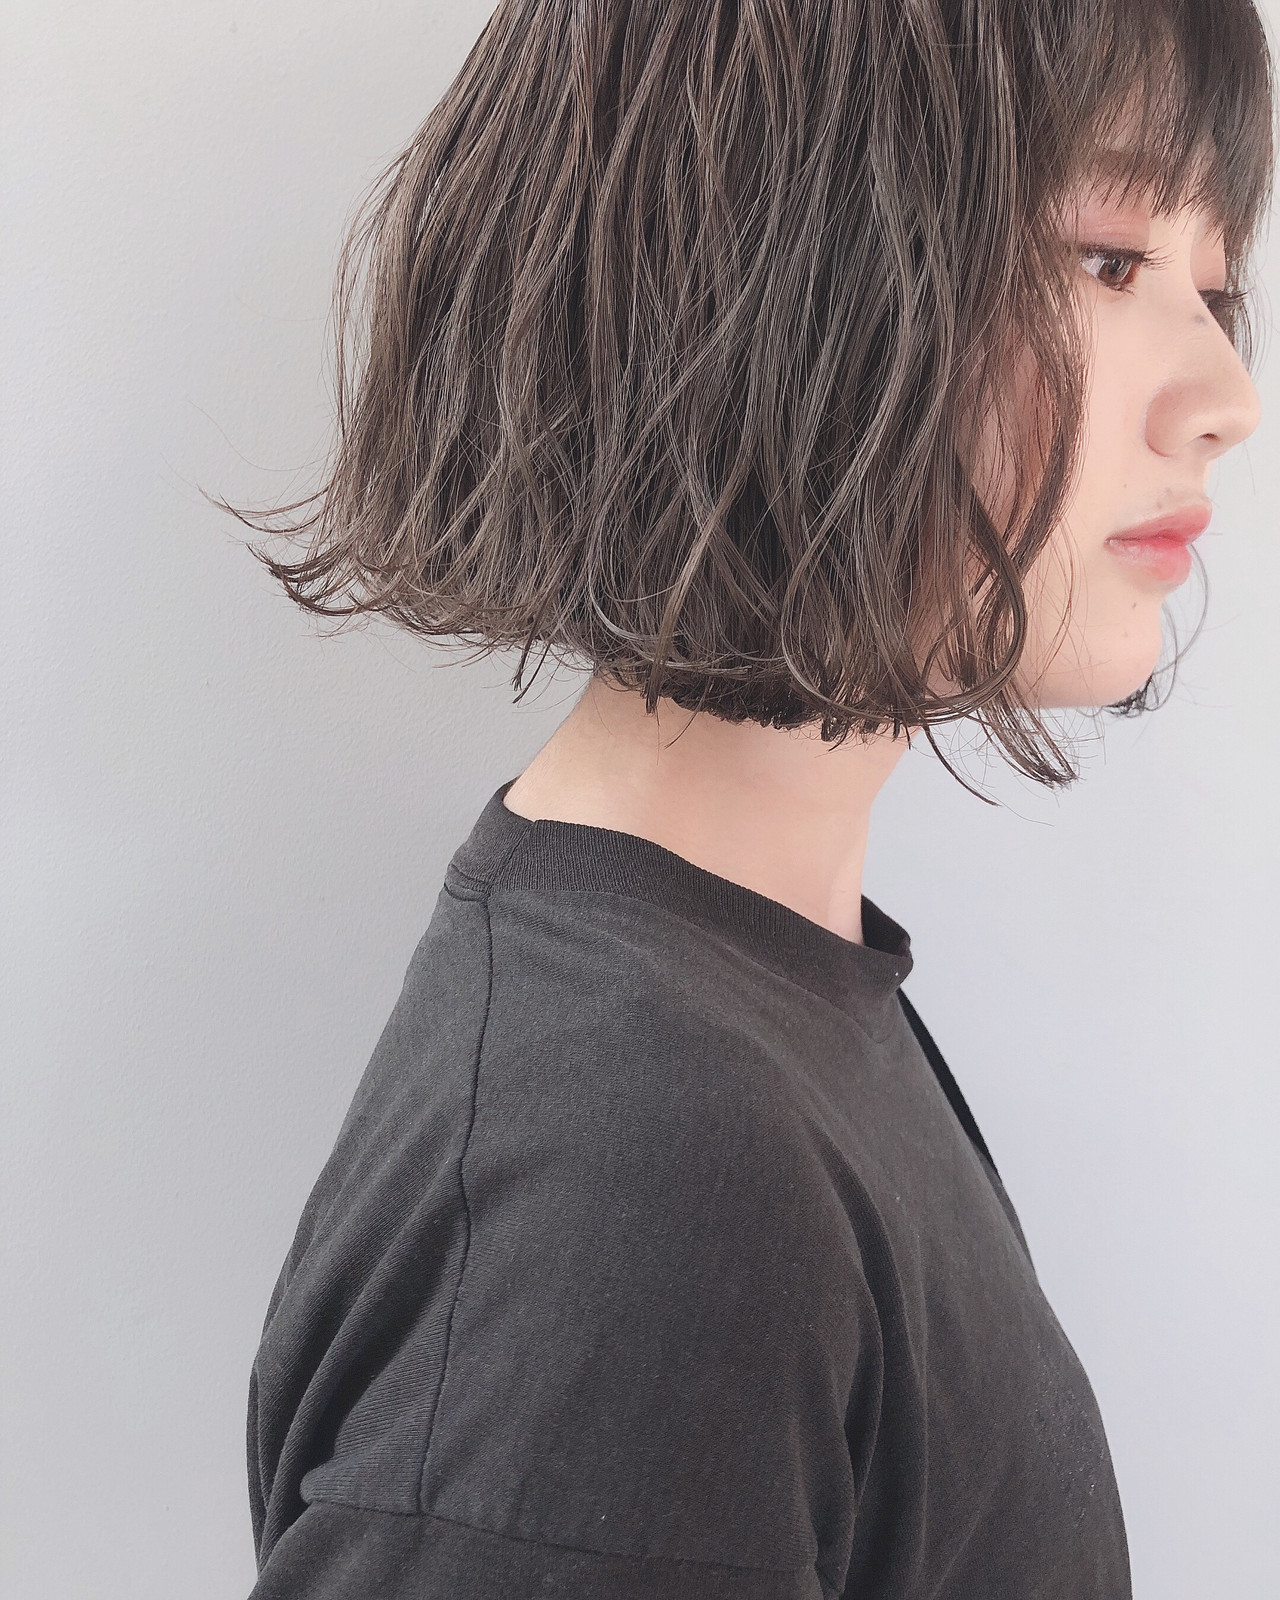 パーマ ボブ グレージュ ナチュラル ヘアスタイルや髪型の写真・画像 | 上田智久 / ooit 福岡 天神 / ooit